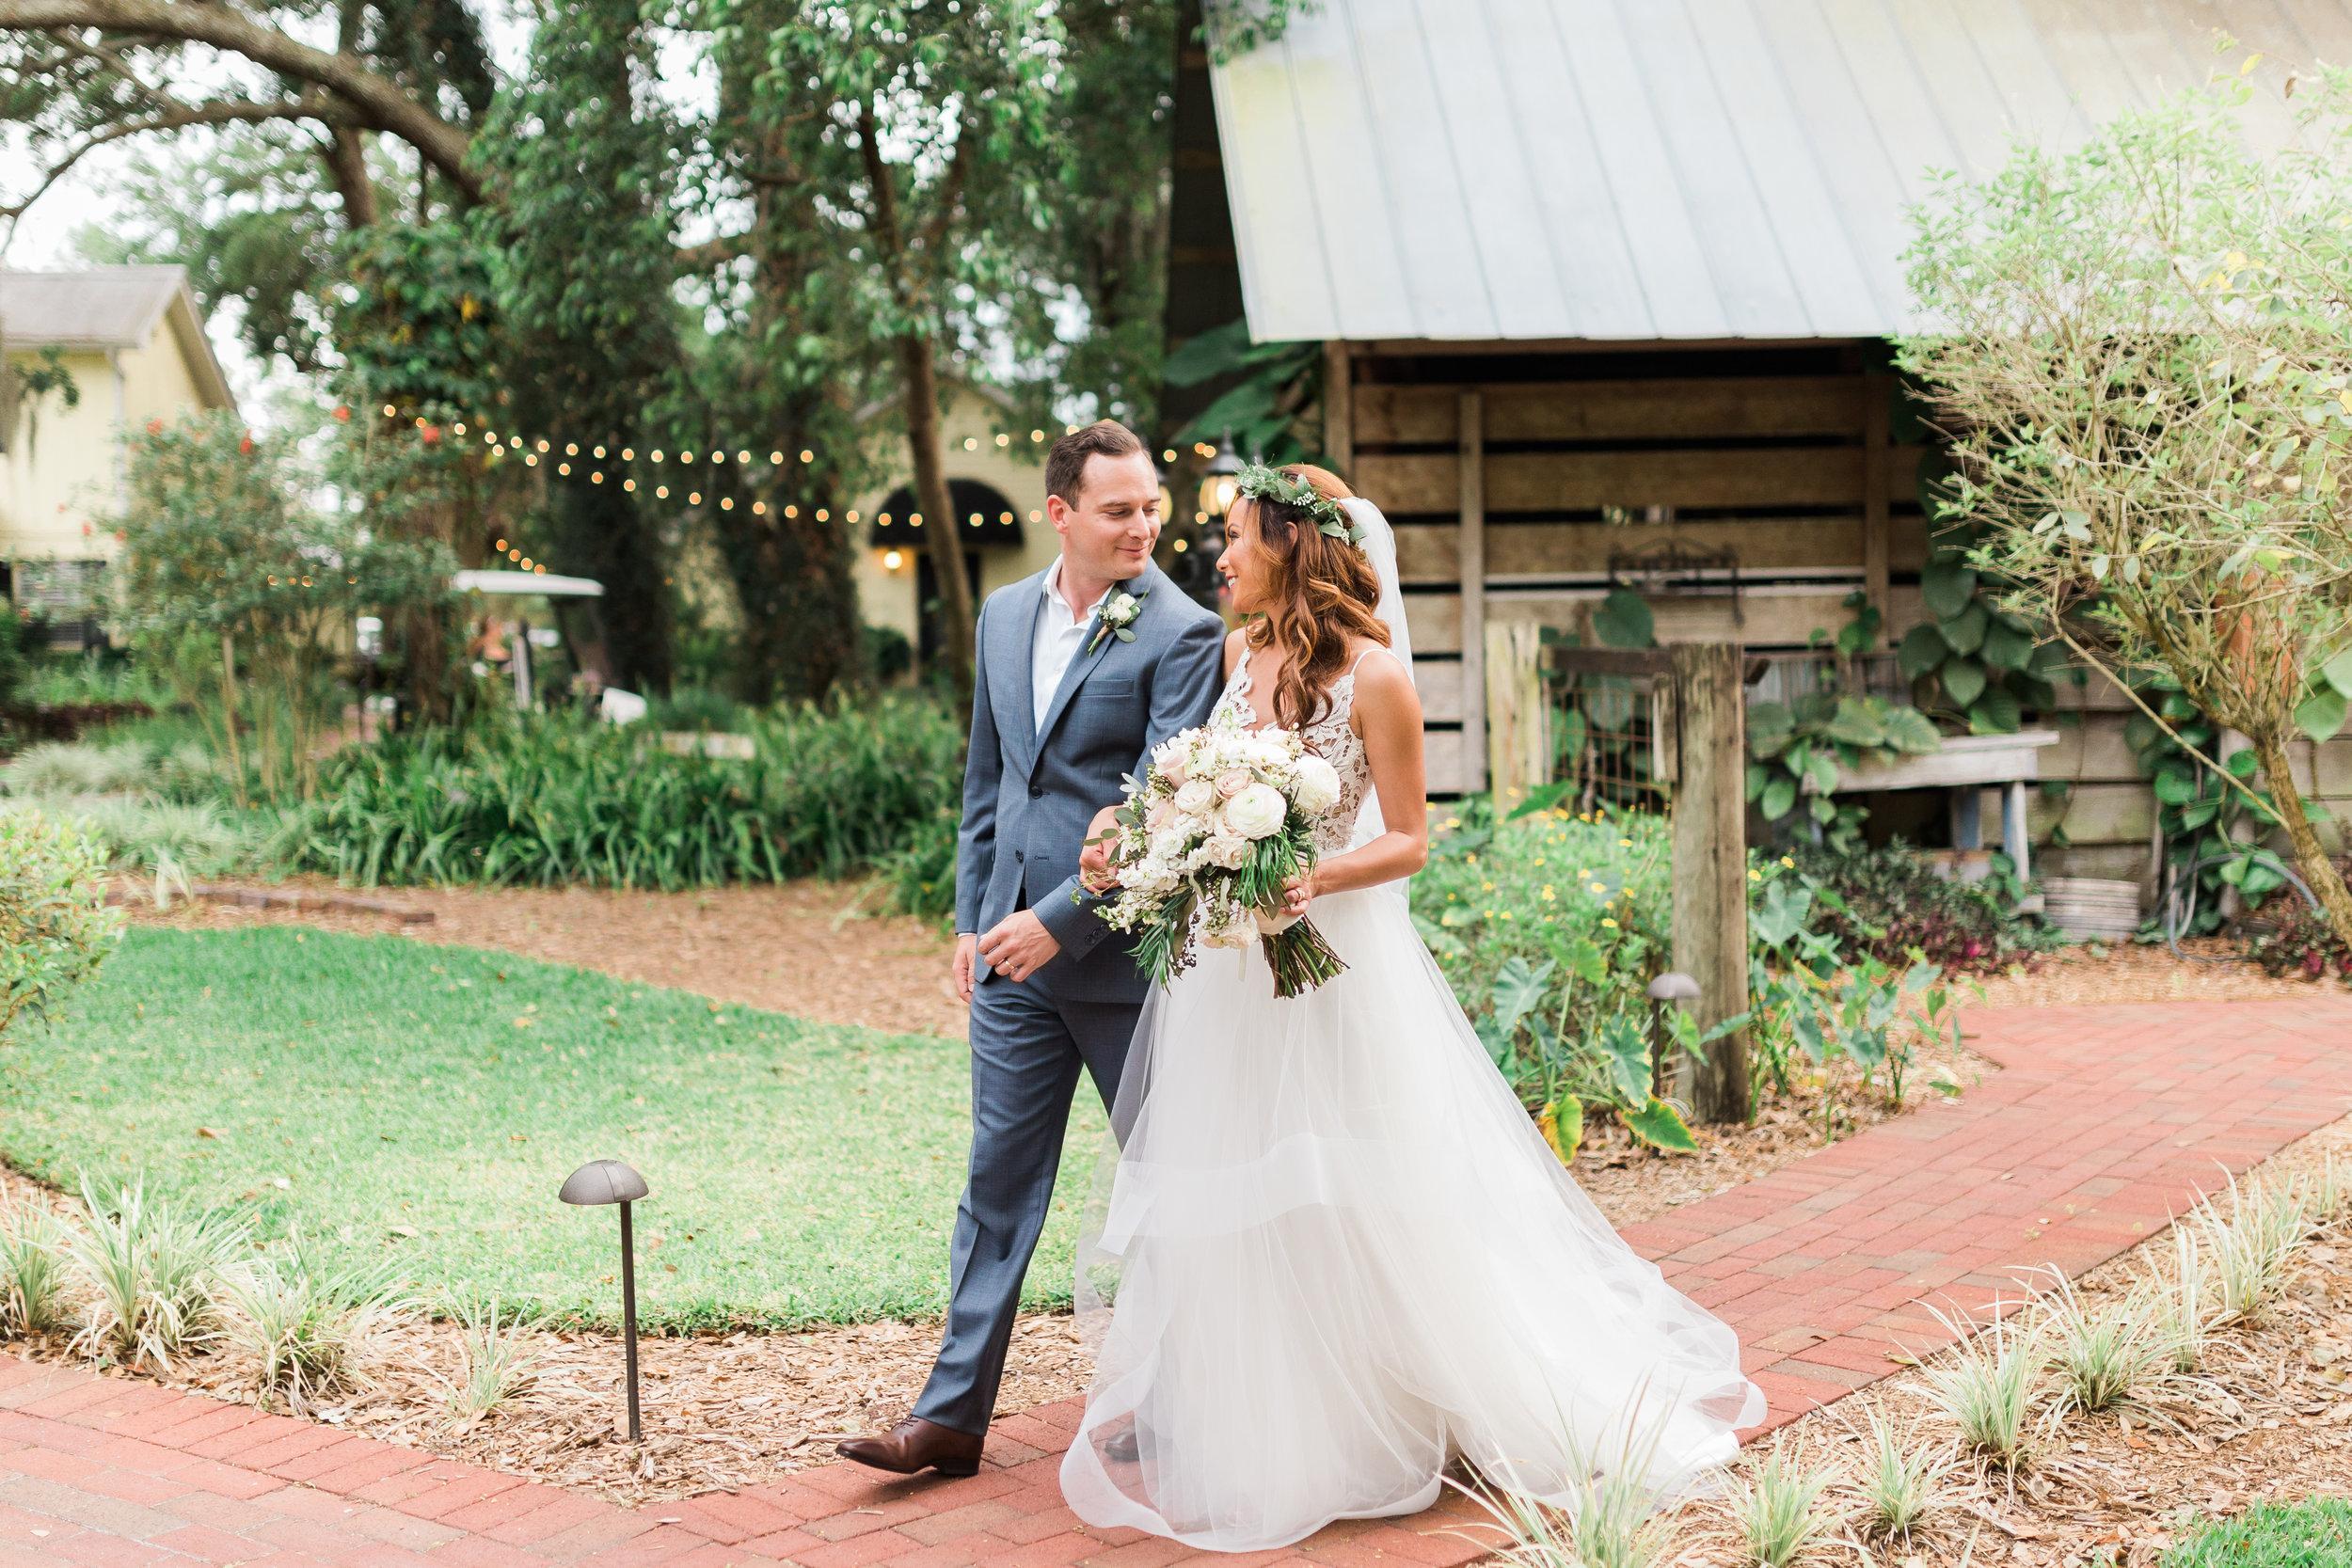 sincerely-emelia-florida-wedding-photographer_0101.jpg